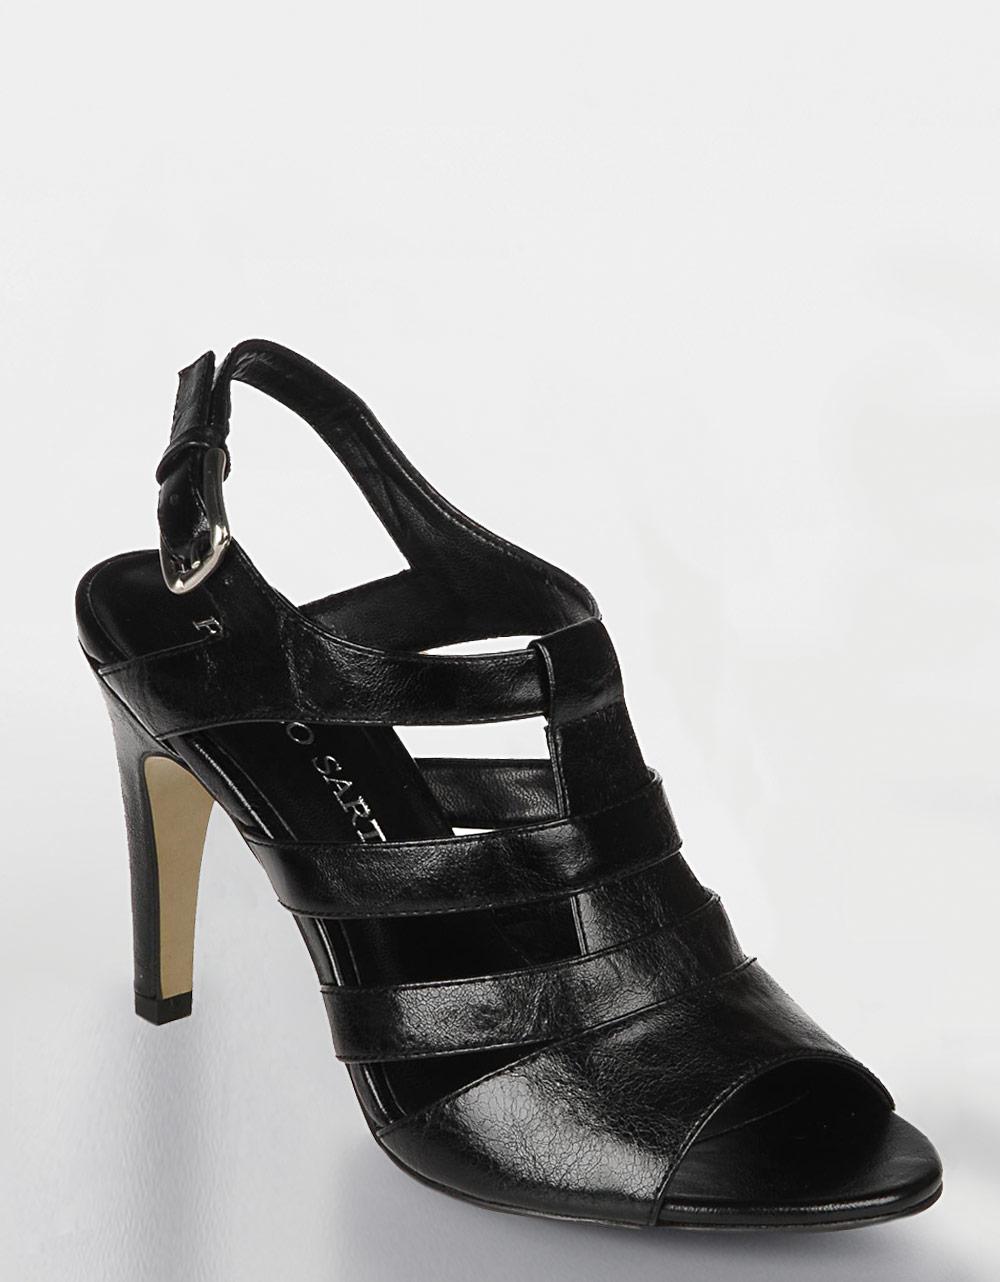 Marc Jacobs Black Shoes